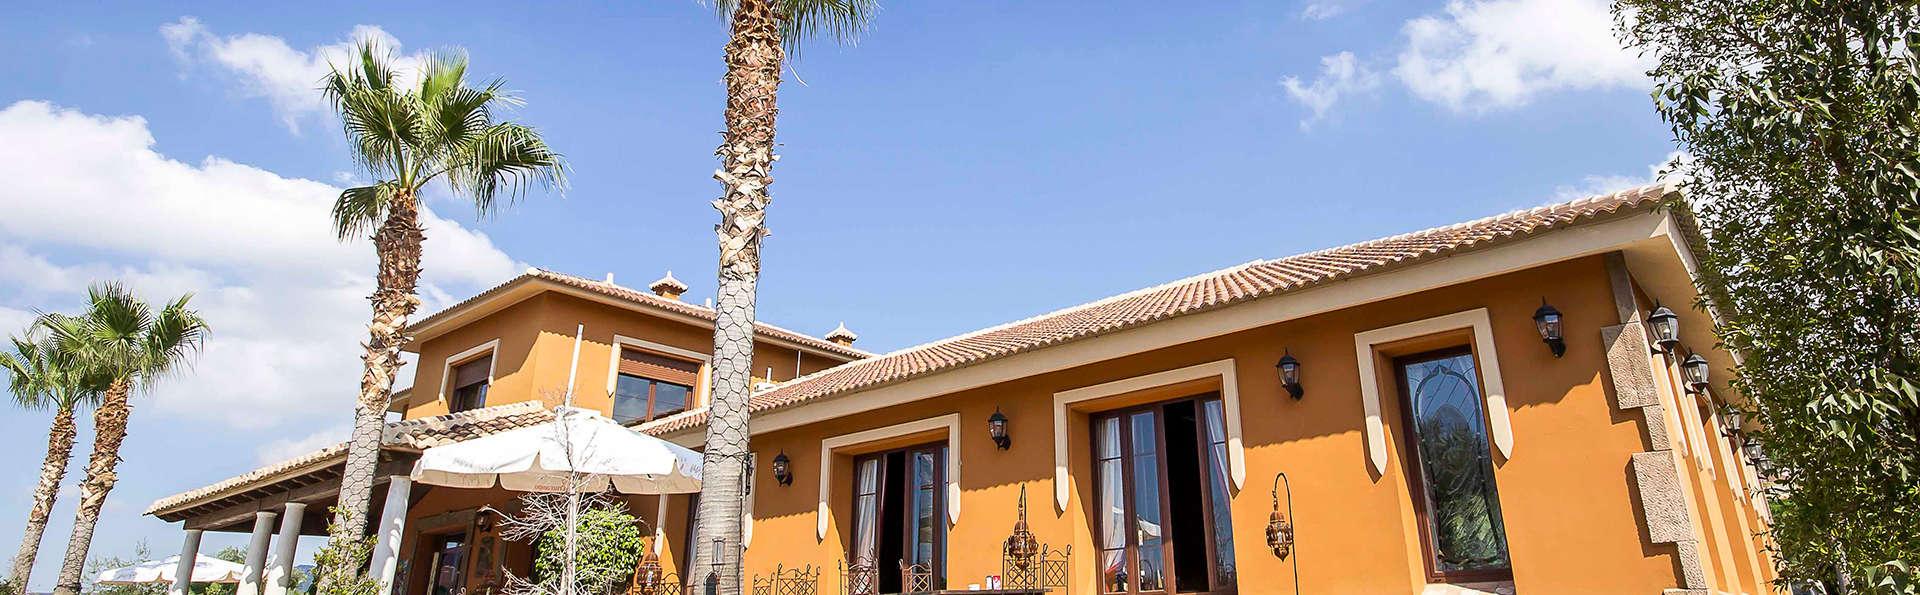 Hotel Las Mayoralas - EDIT_front1.jpg